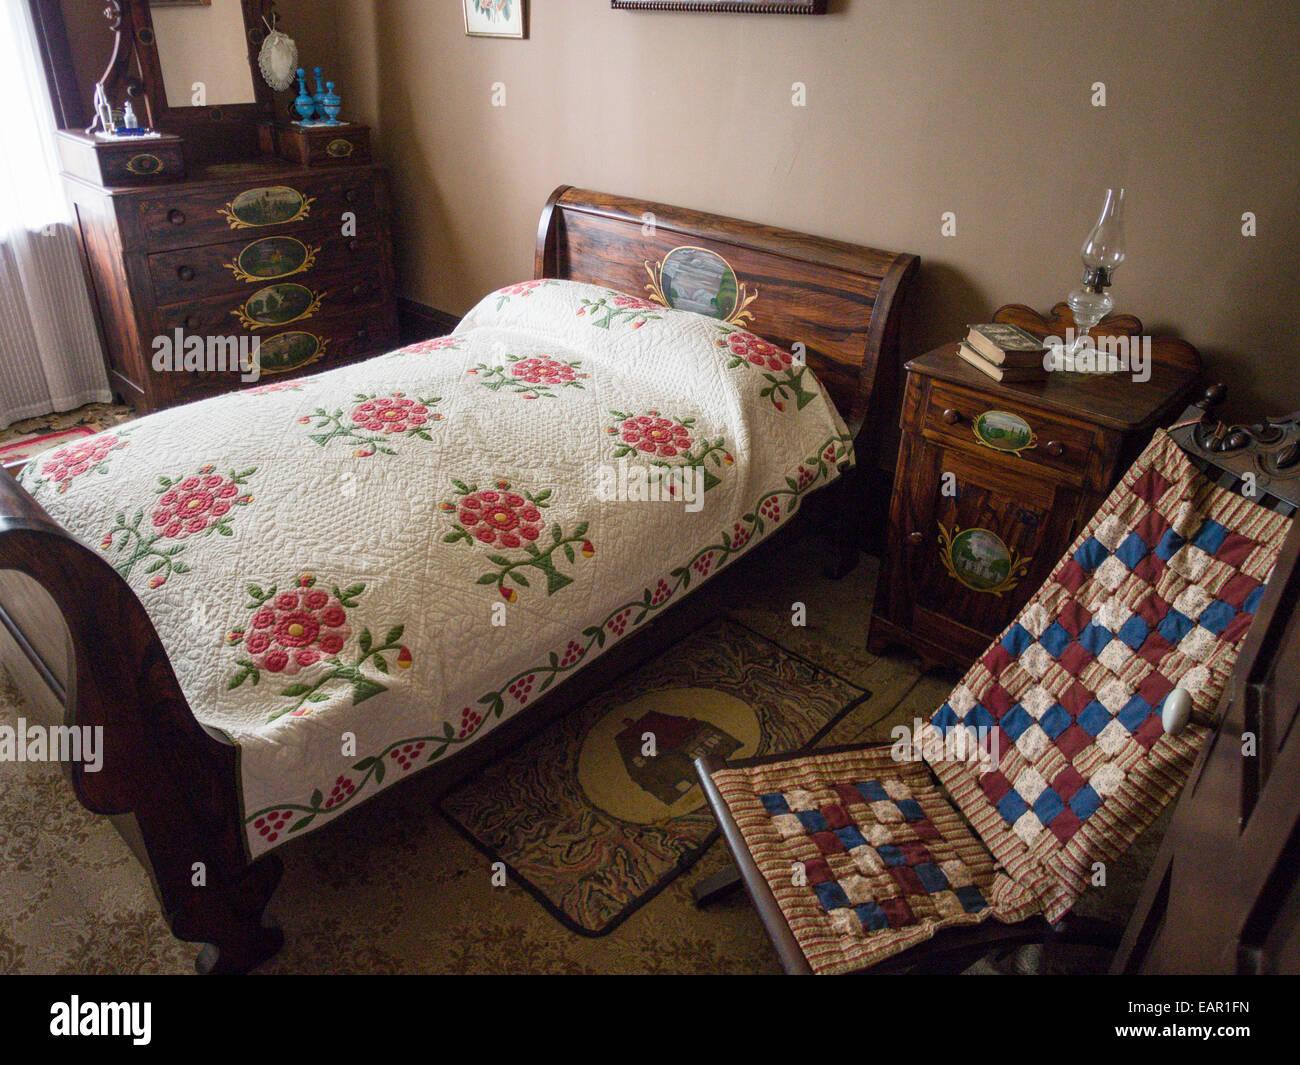 Dormitorio en Upper Canada Village house. Antiguo dormitorios arriba en una buena casa en la aldea. Imagen De Stock